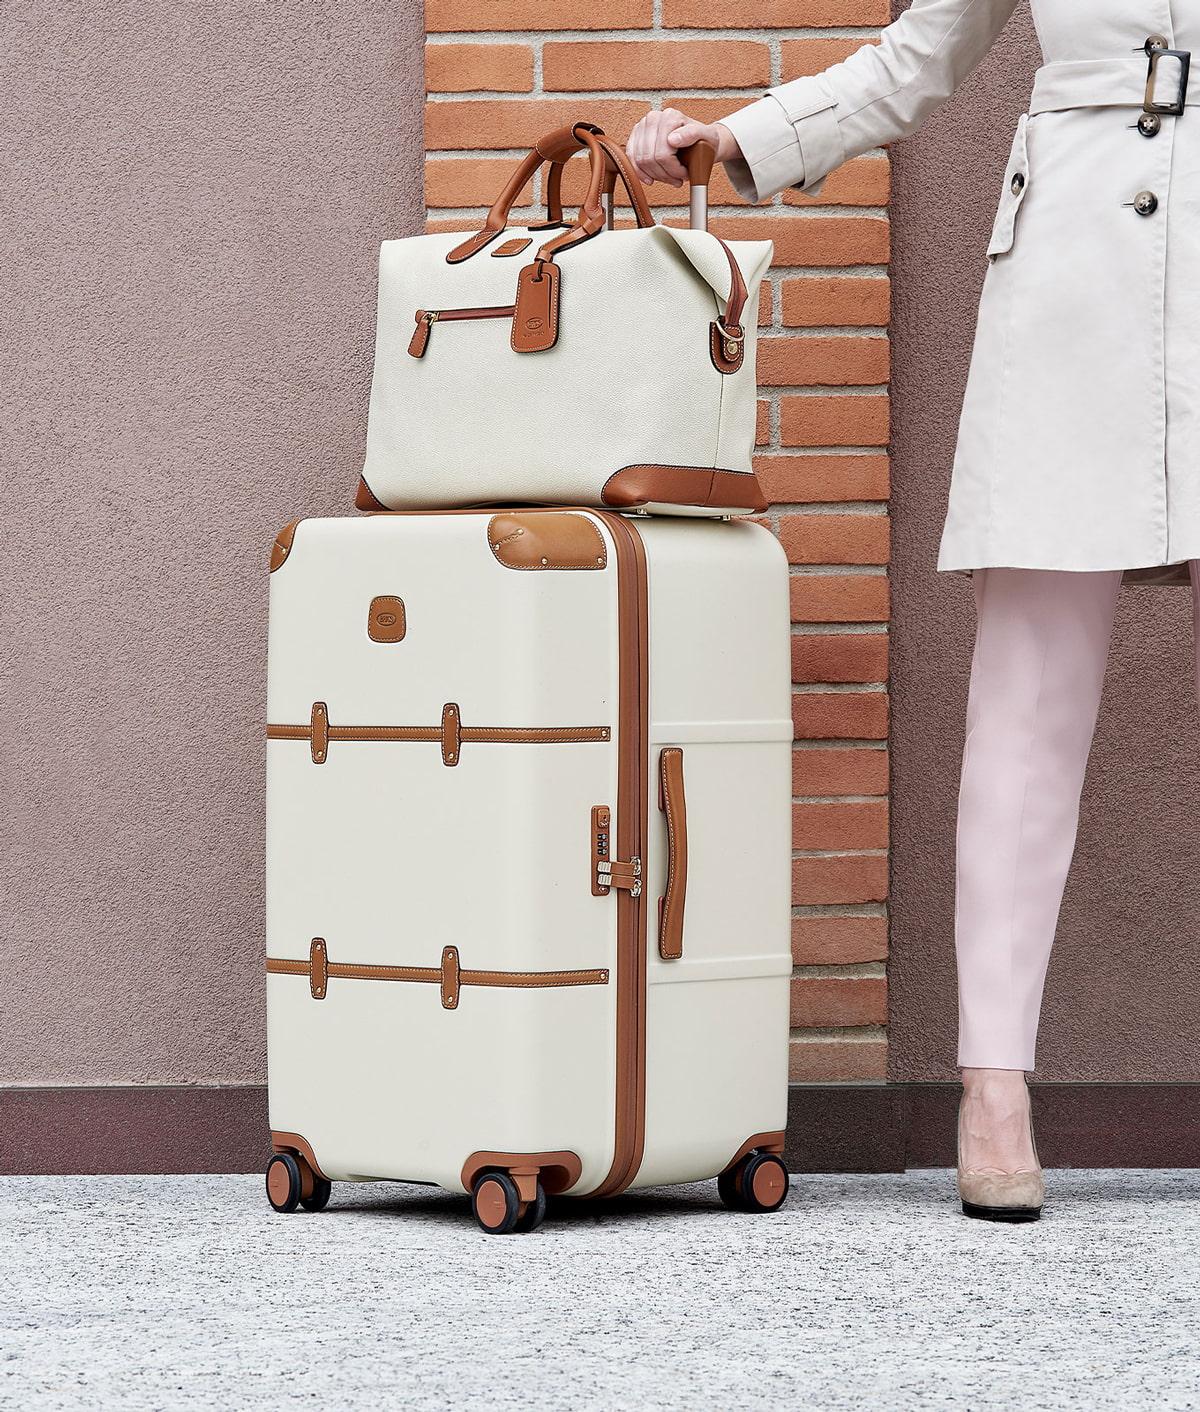 Stylish luggage brand